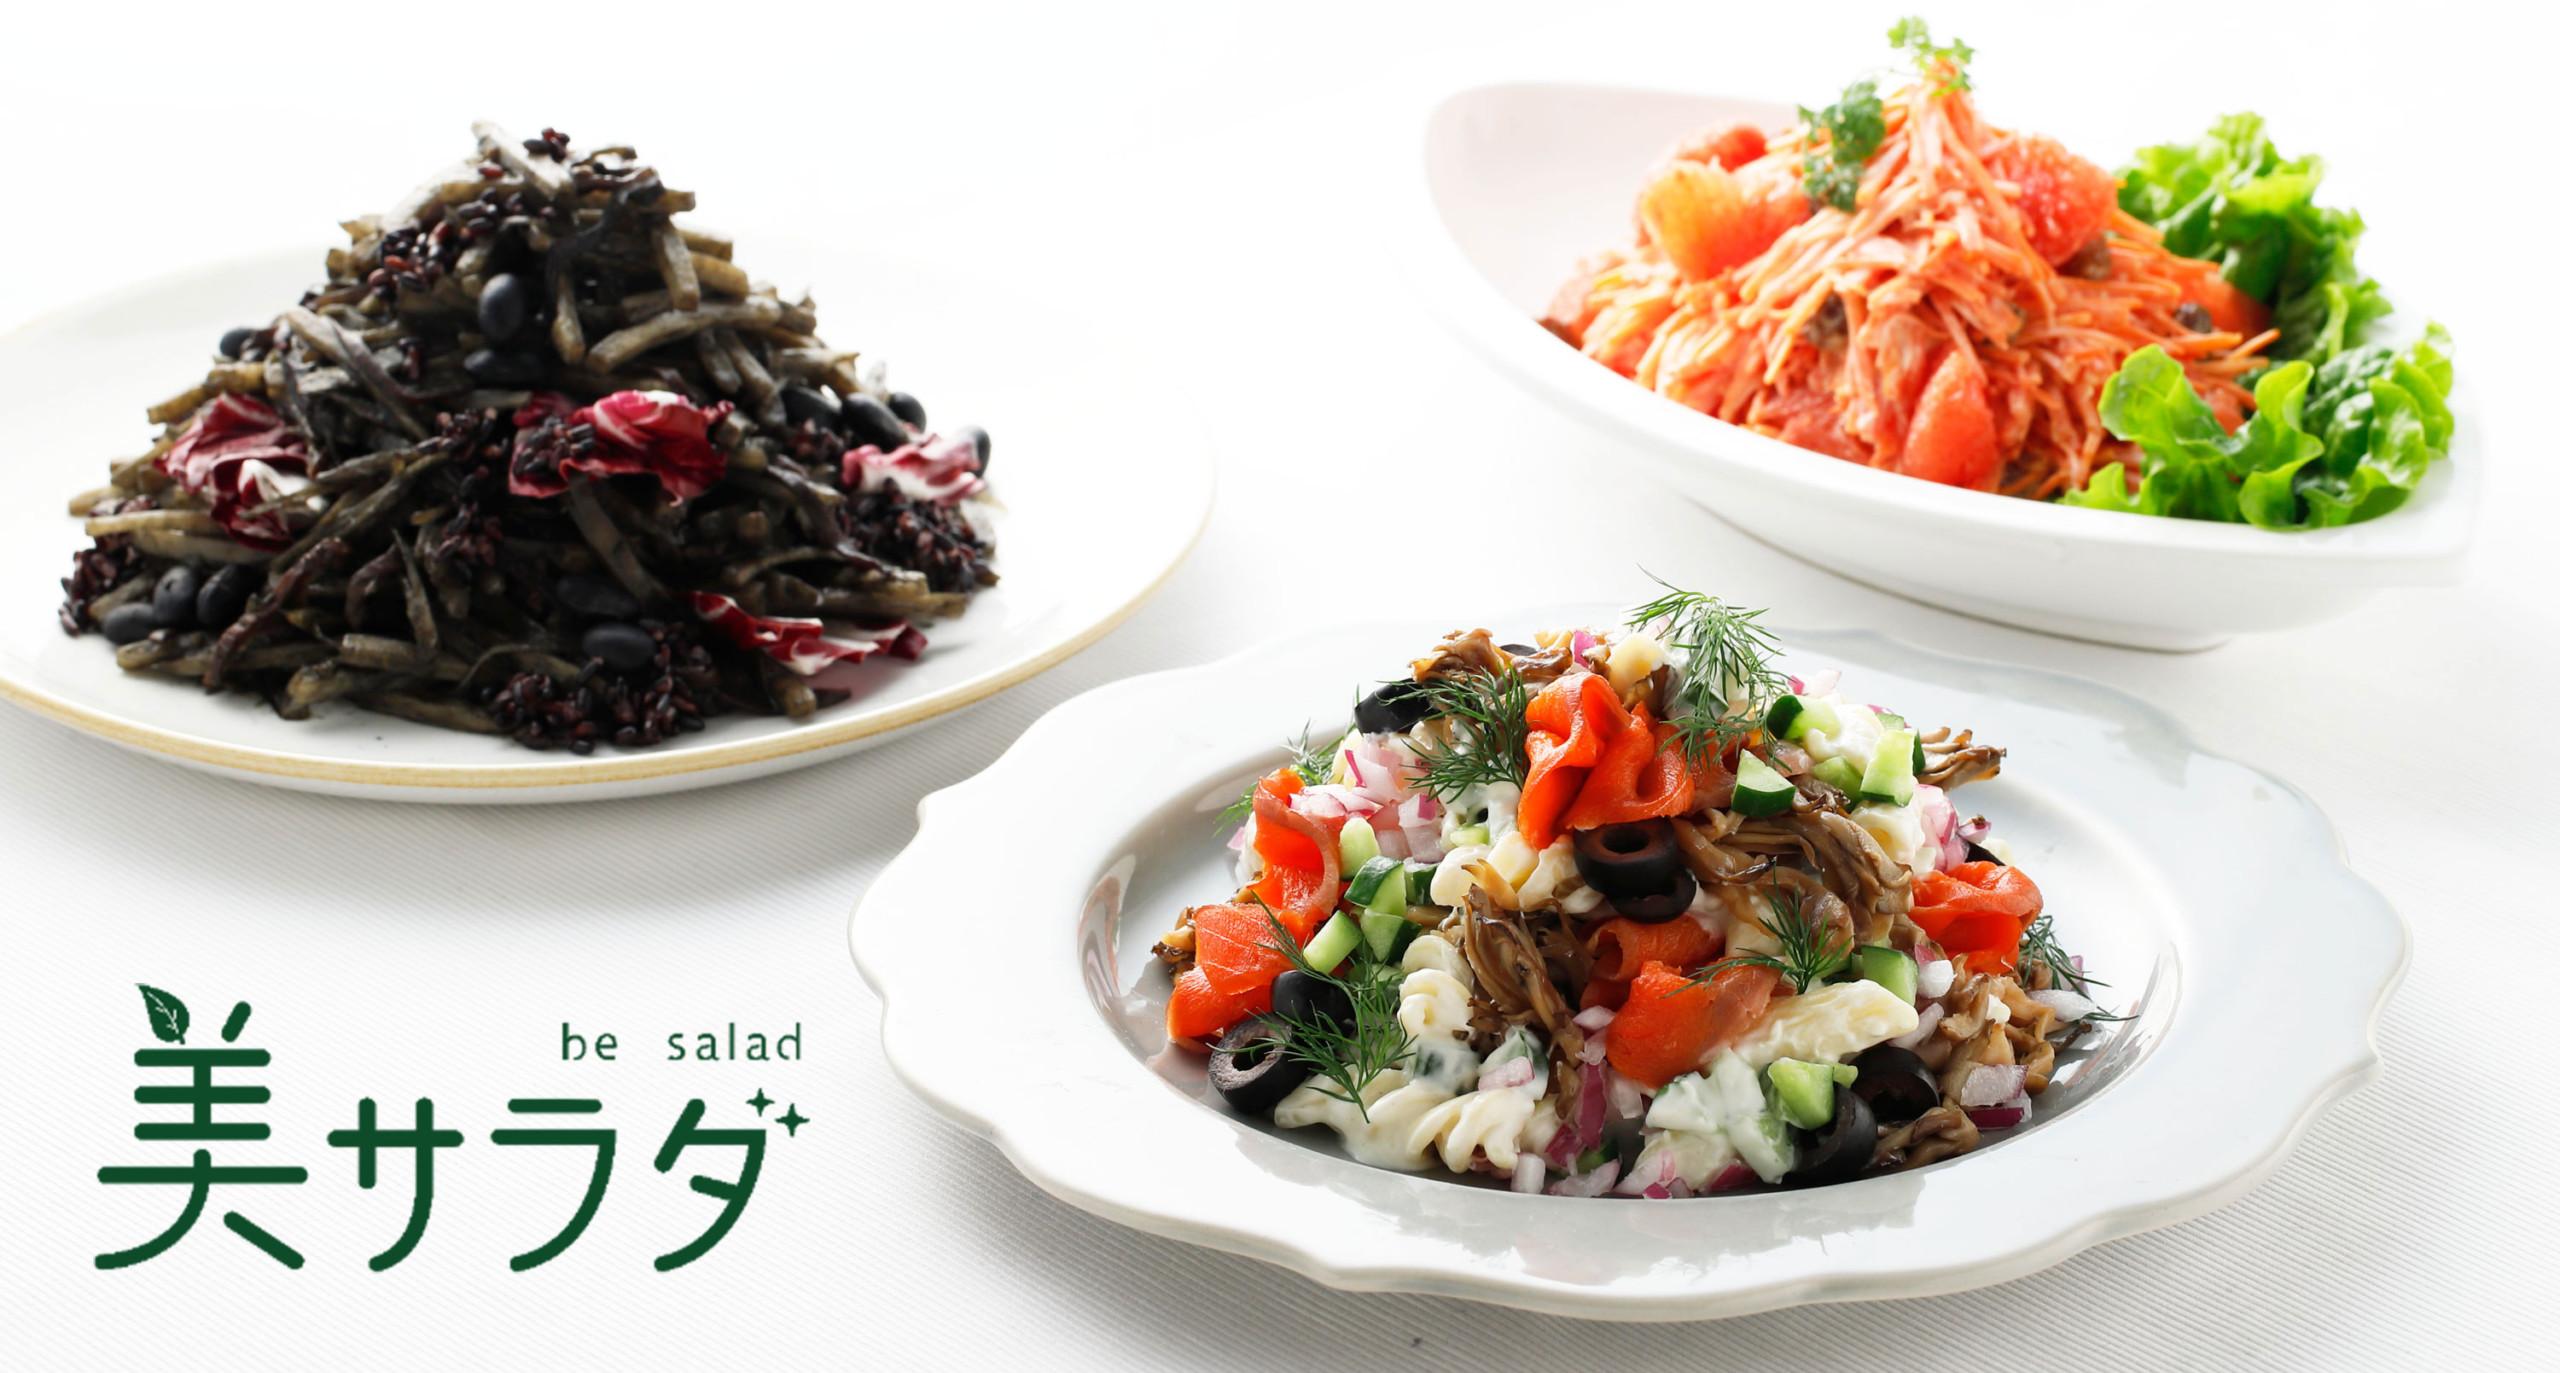 Salad Cafeの「美サラダ」シリーズ